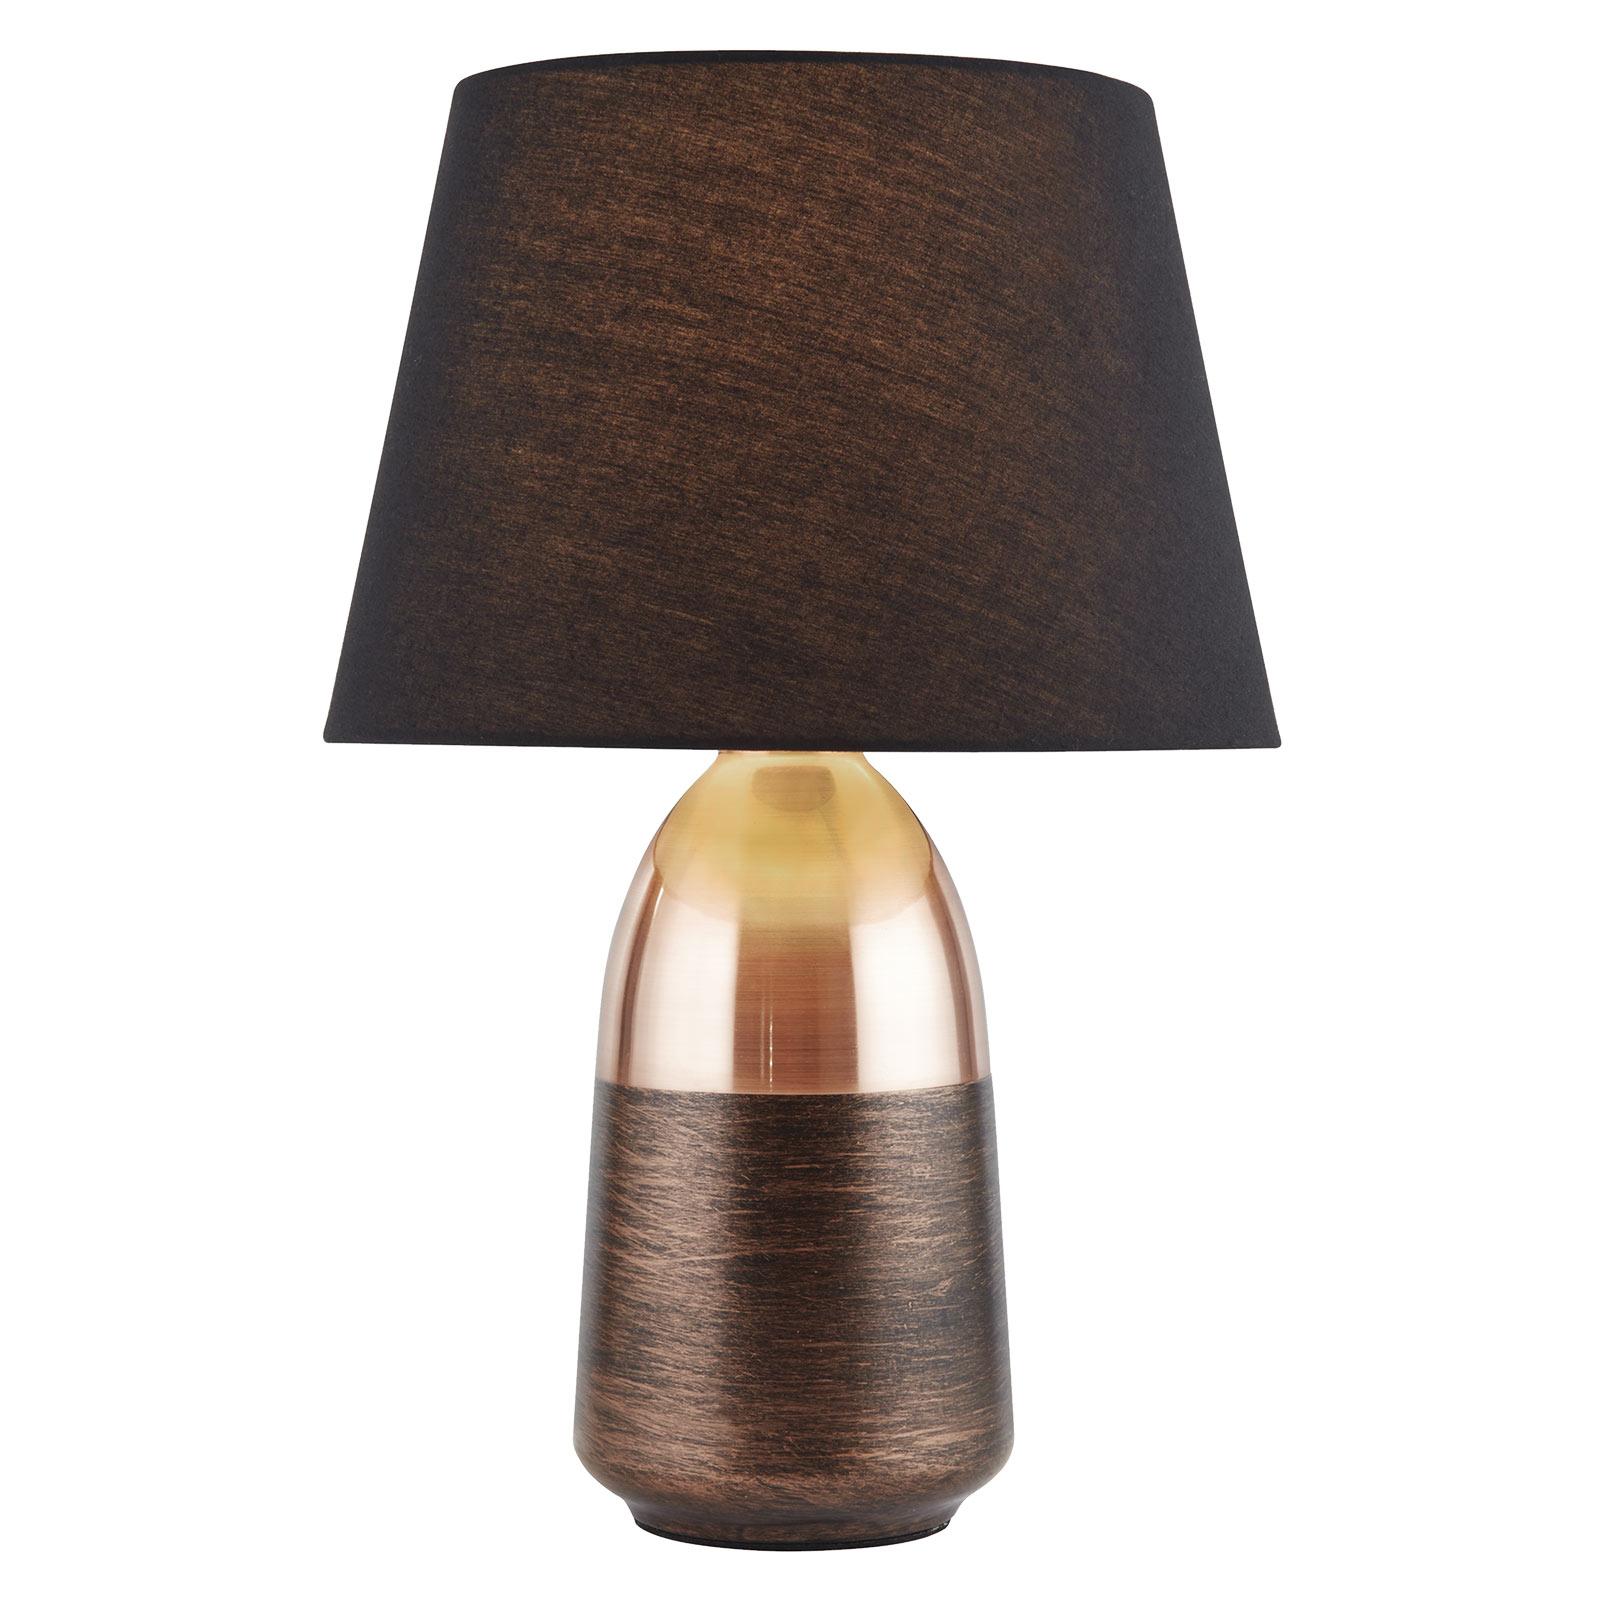 Tafellamp EU700341 in zwart en koper